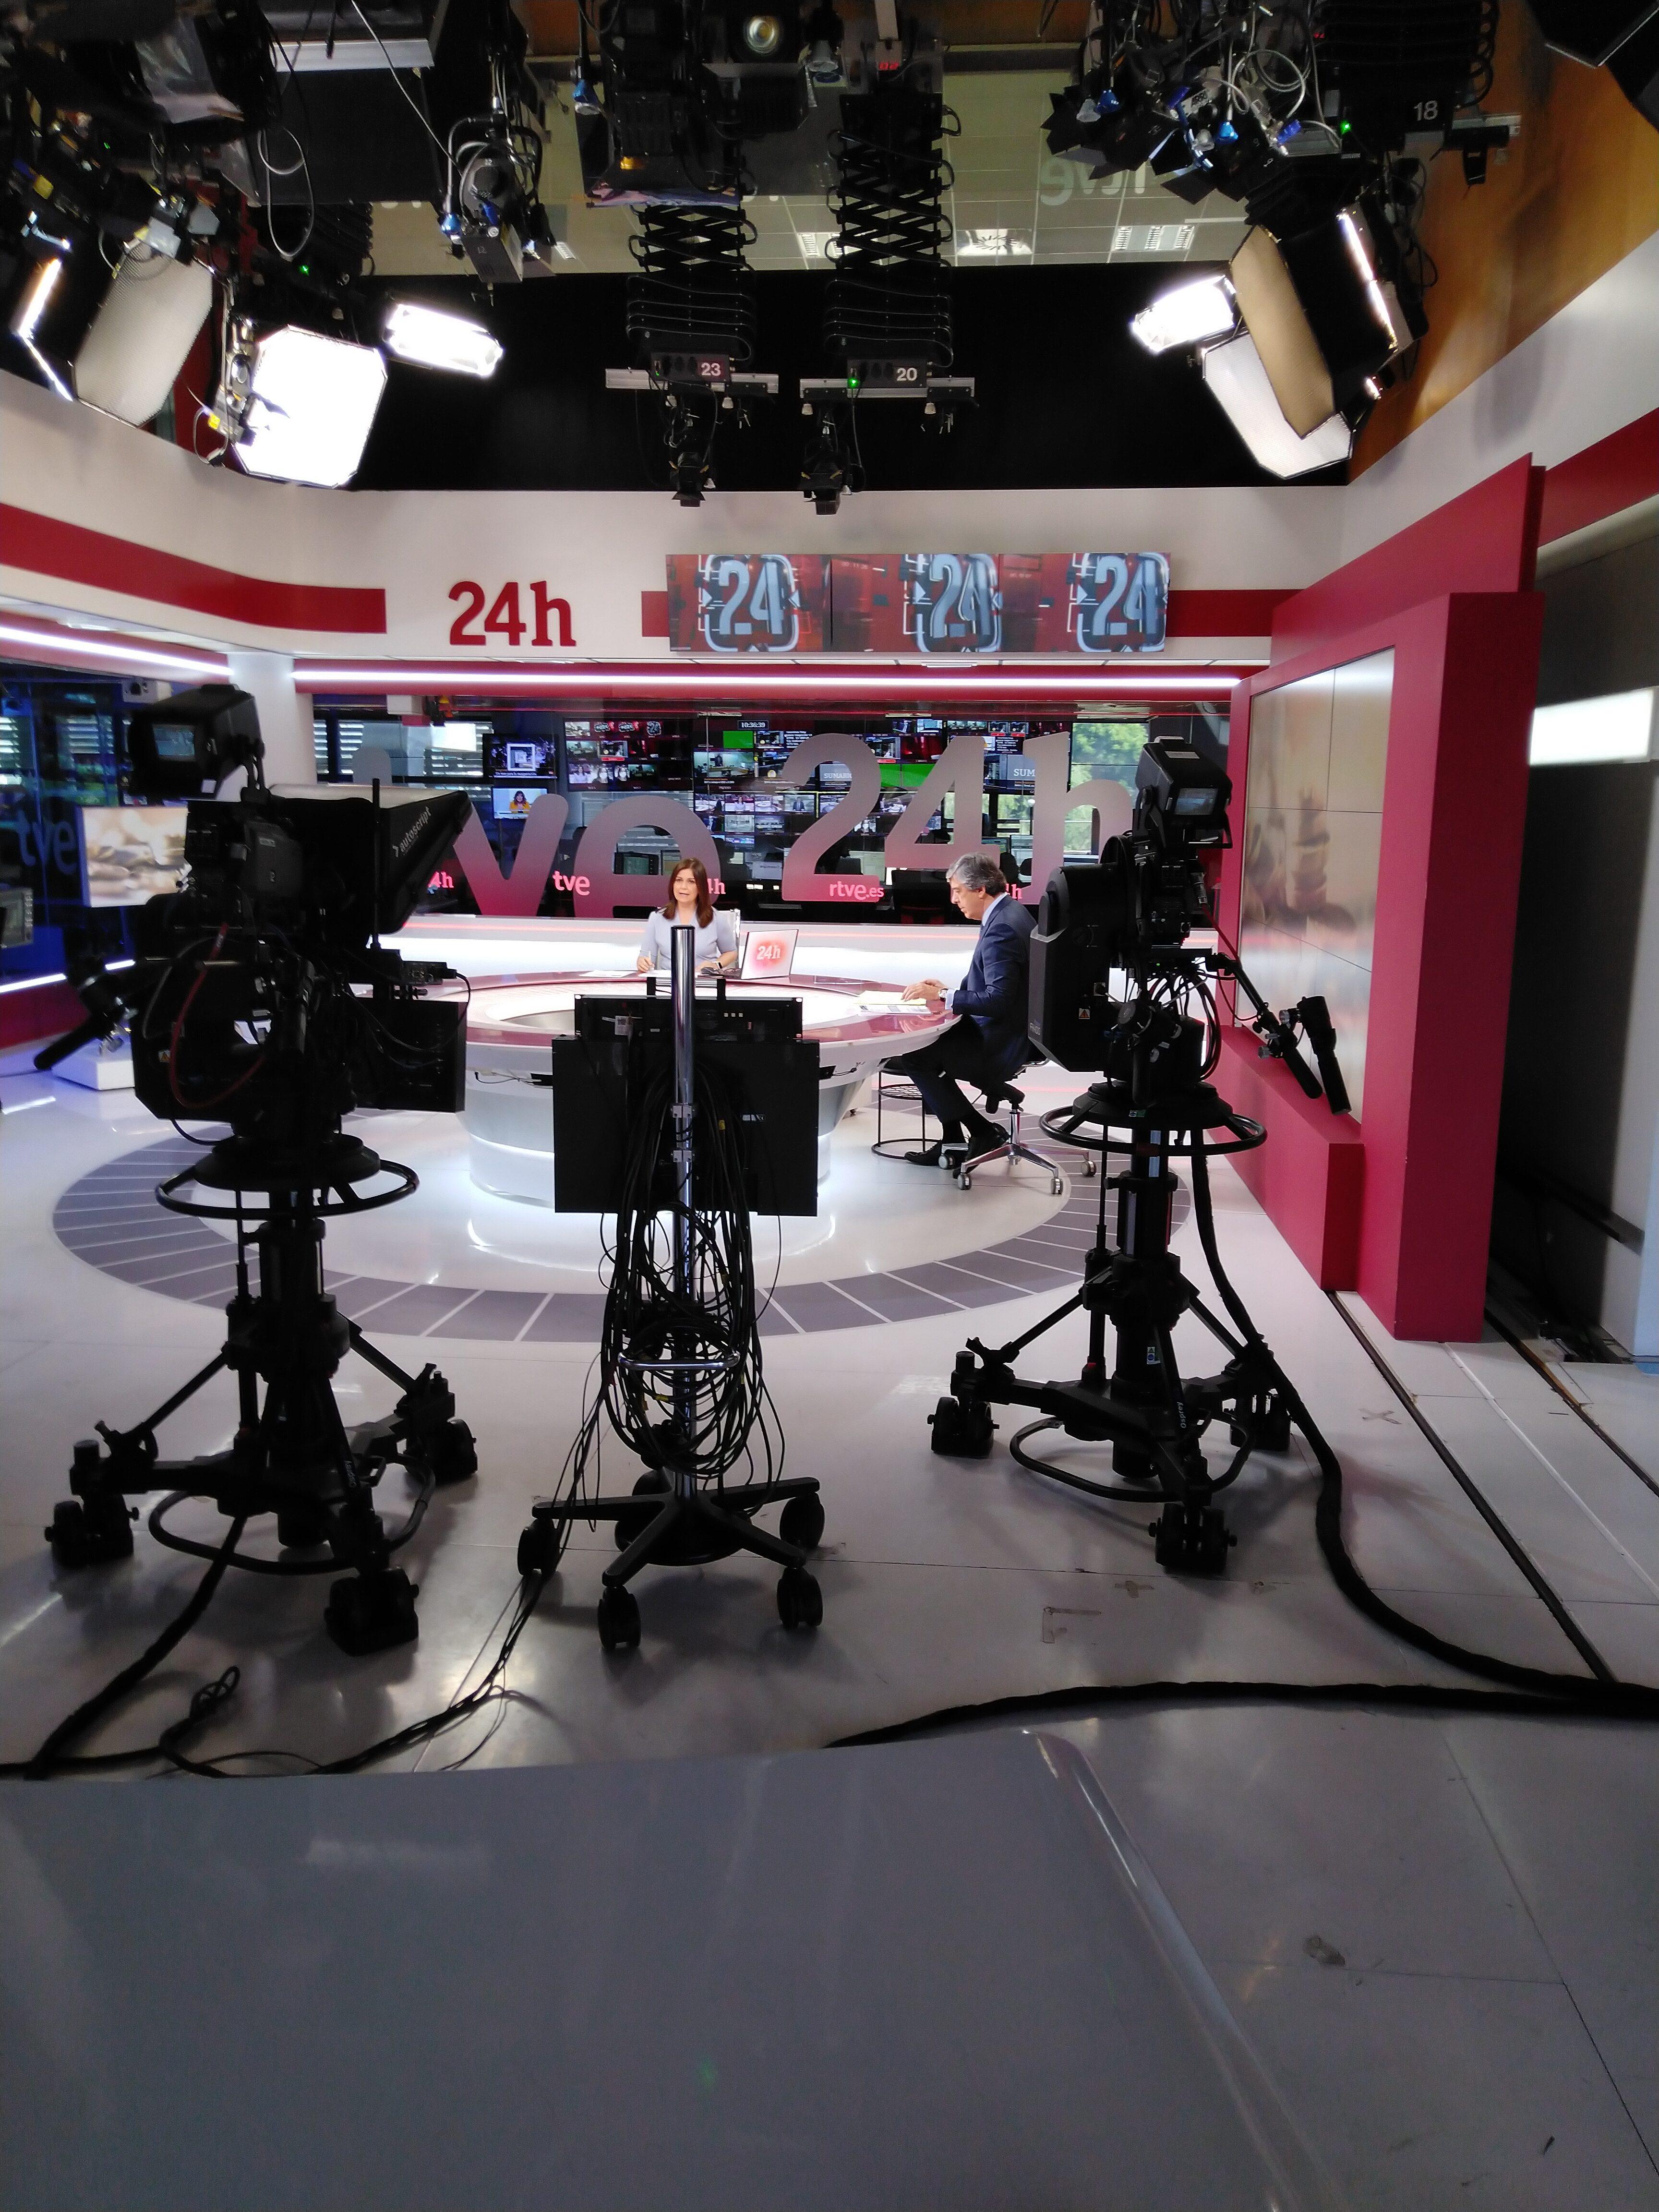 Entrevista a nuestro presidente, José Luis Cortina, en el Canal 24 Horas sobre la situación actual de la Banca